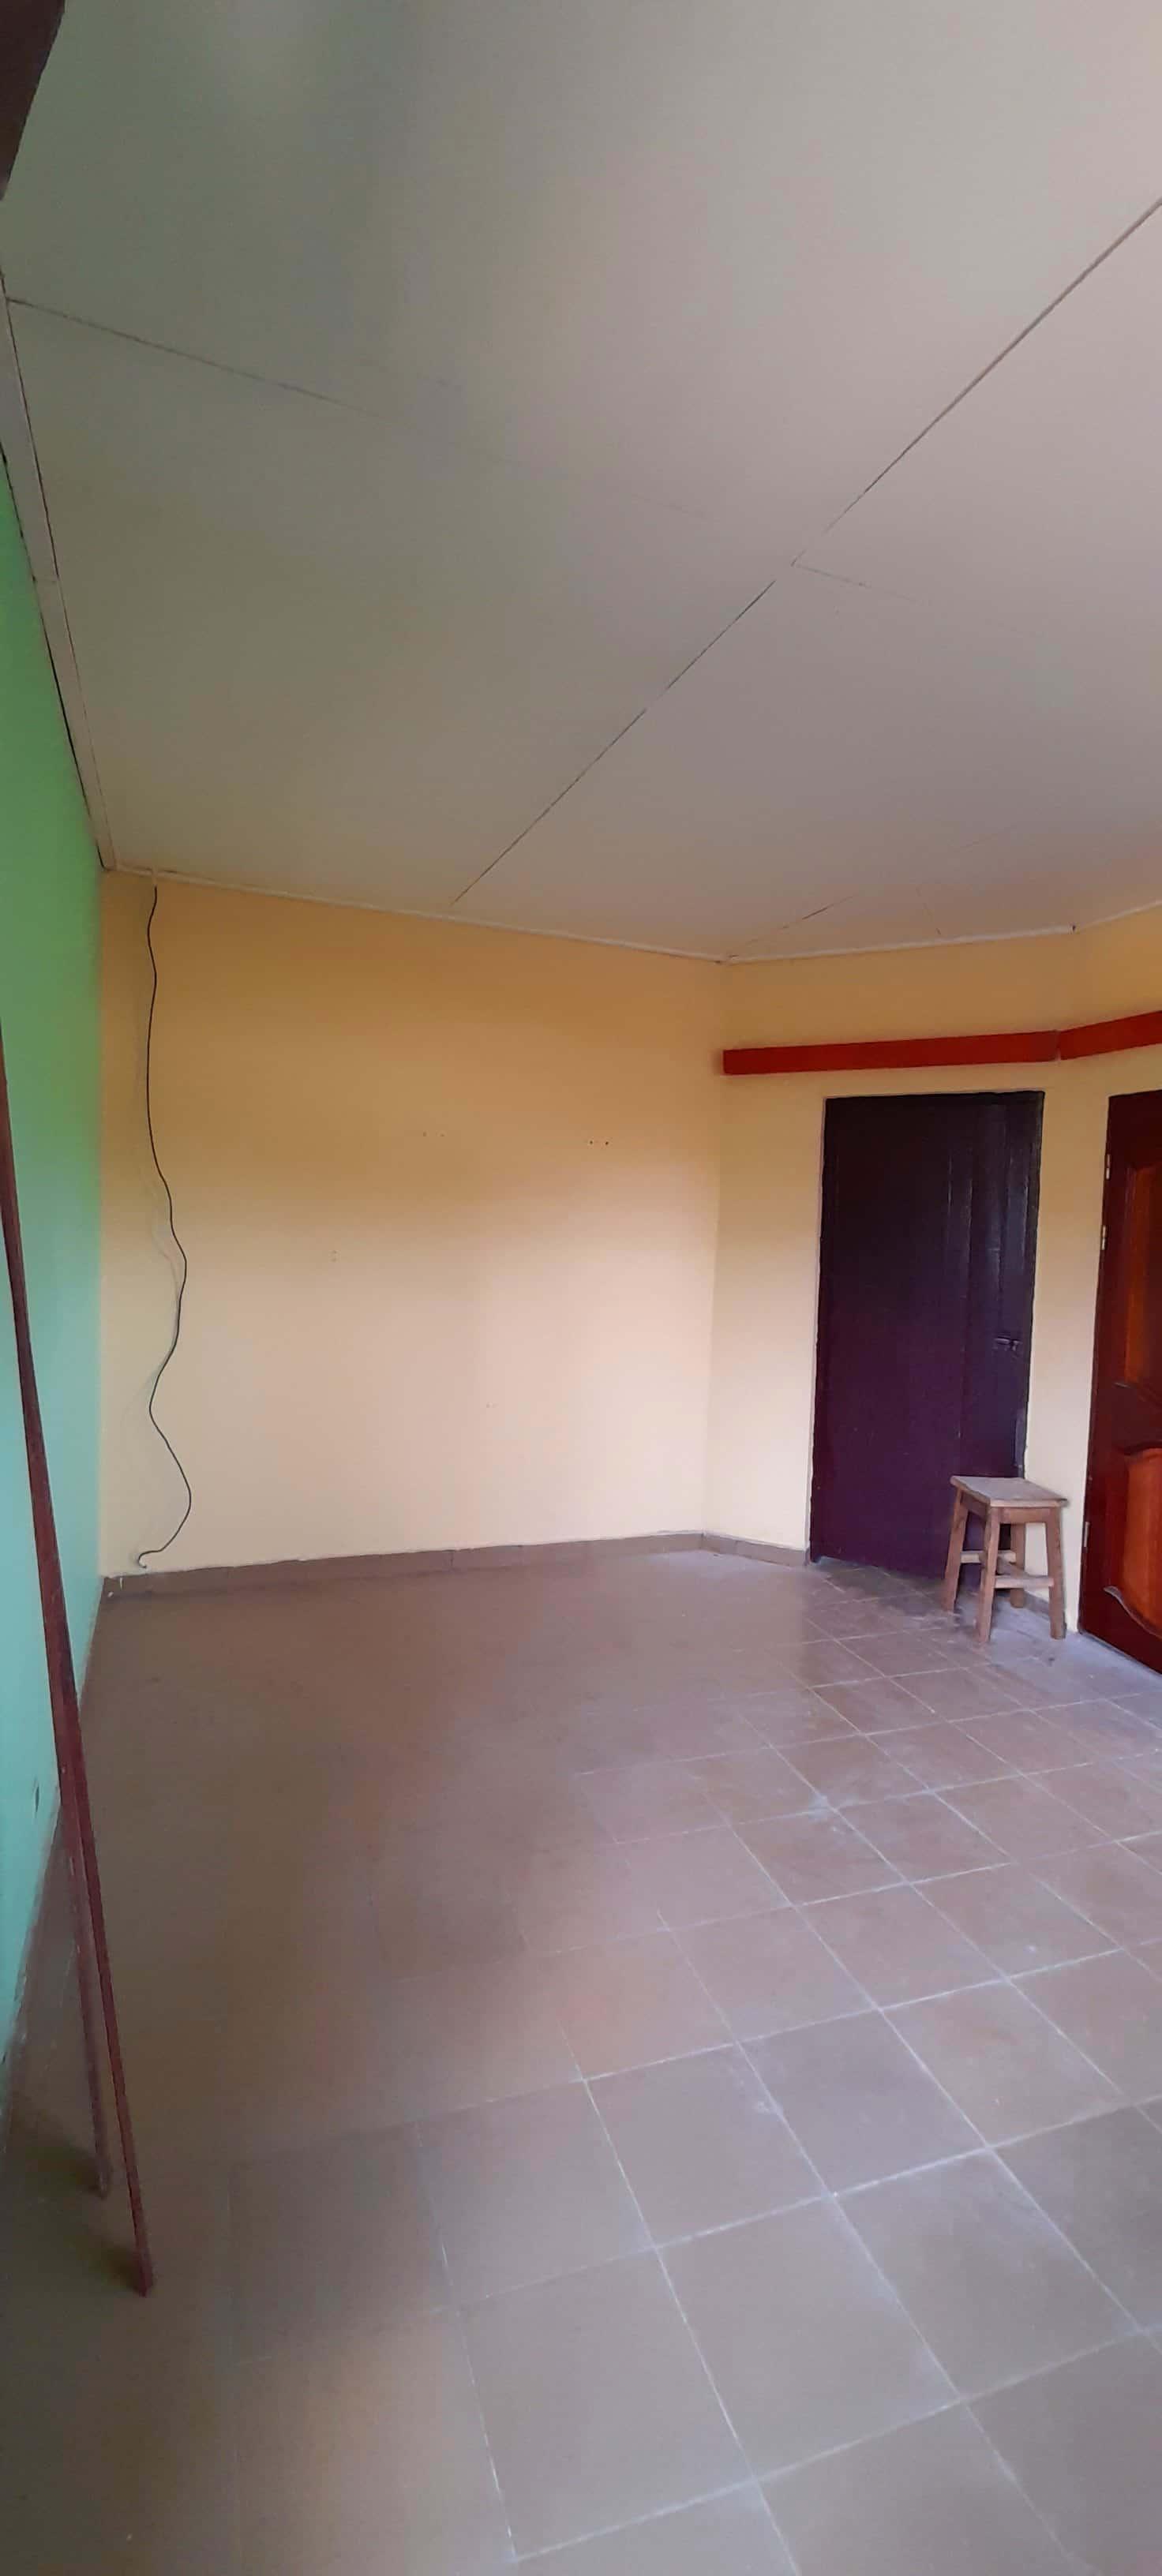 Appartement à louer - Douala, Bepanda, Vers le carrefour la fontaine - 1 salon(s), 1 chambre(s), 1 salle(s) de bains - 60 000 FCFA / mois